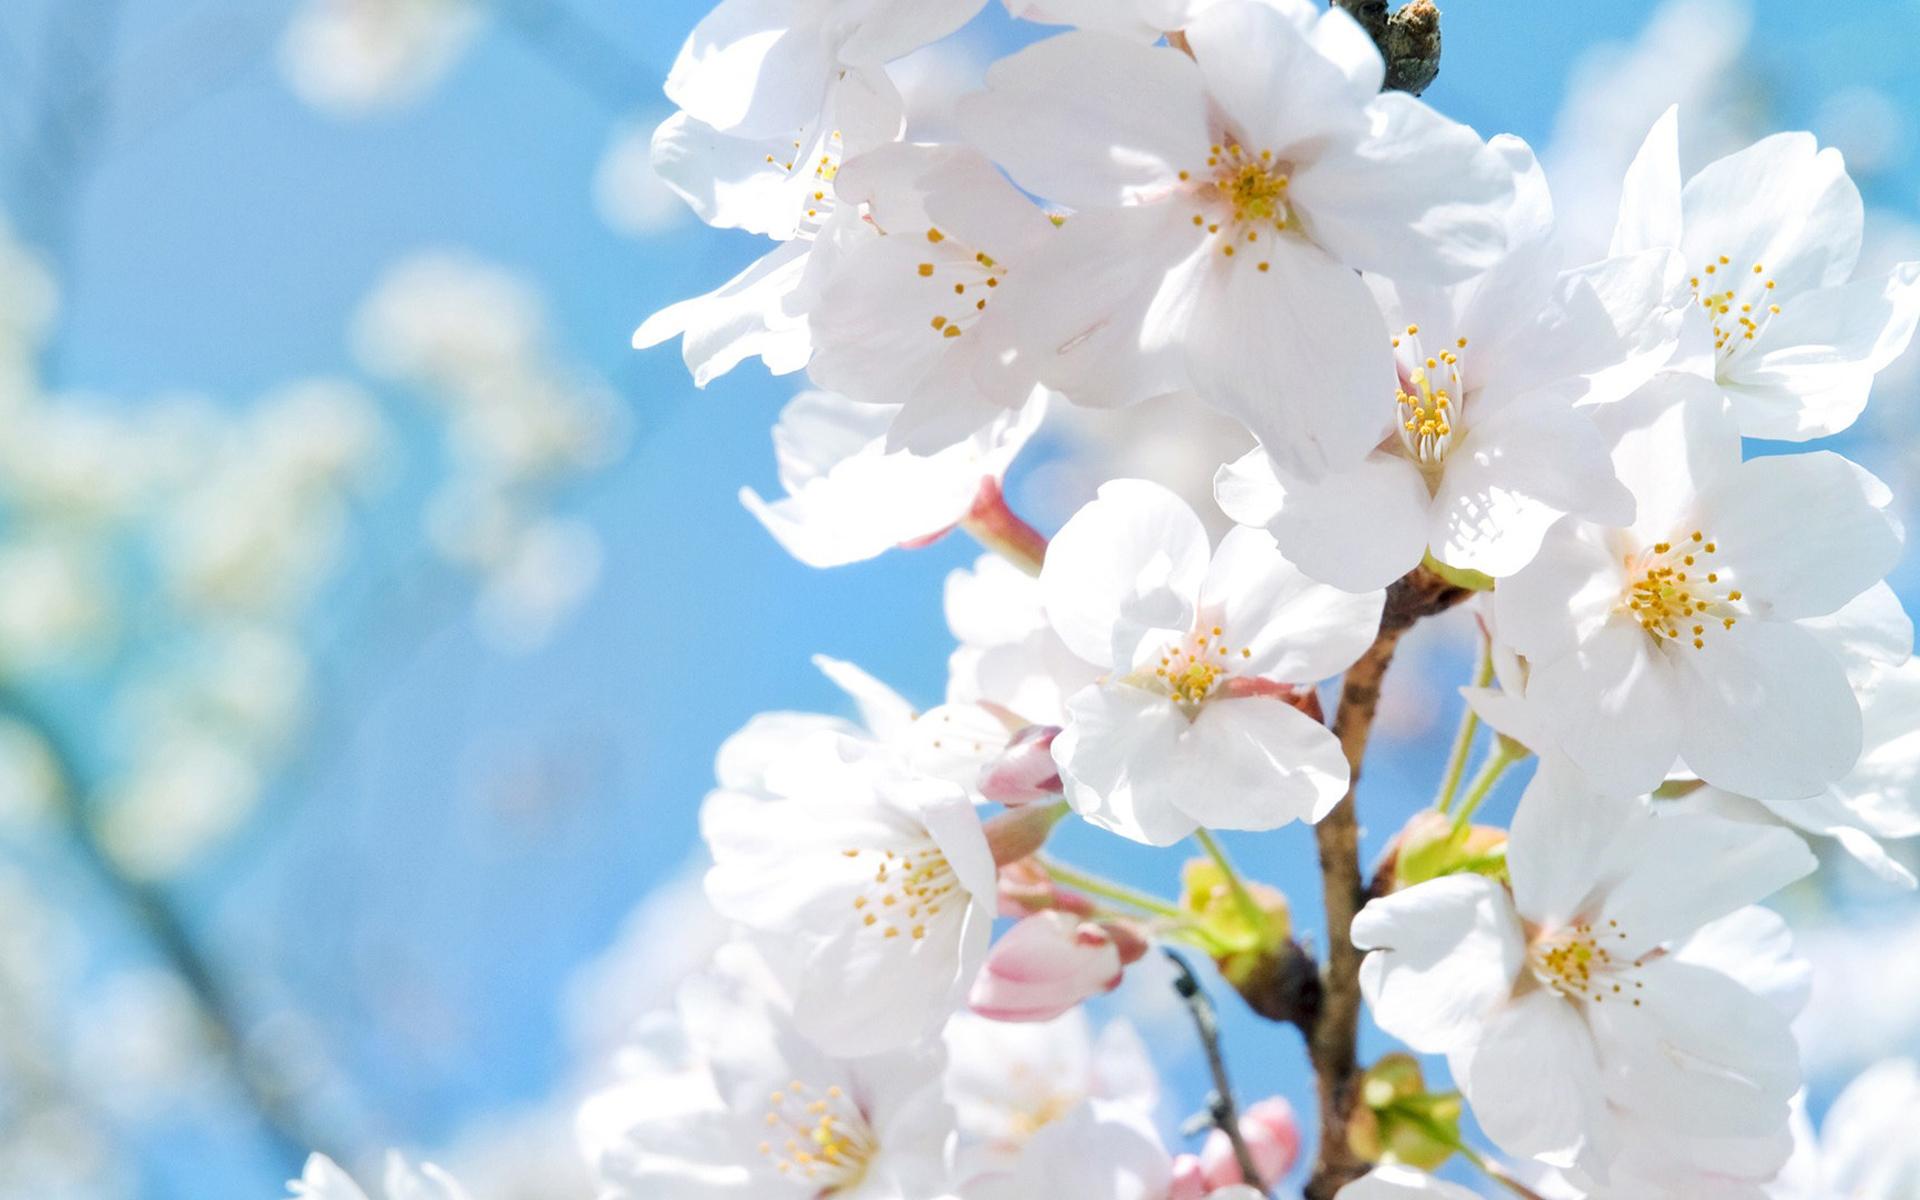 Muurdecoratie voorjaarssfeer - Lente